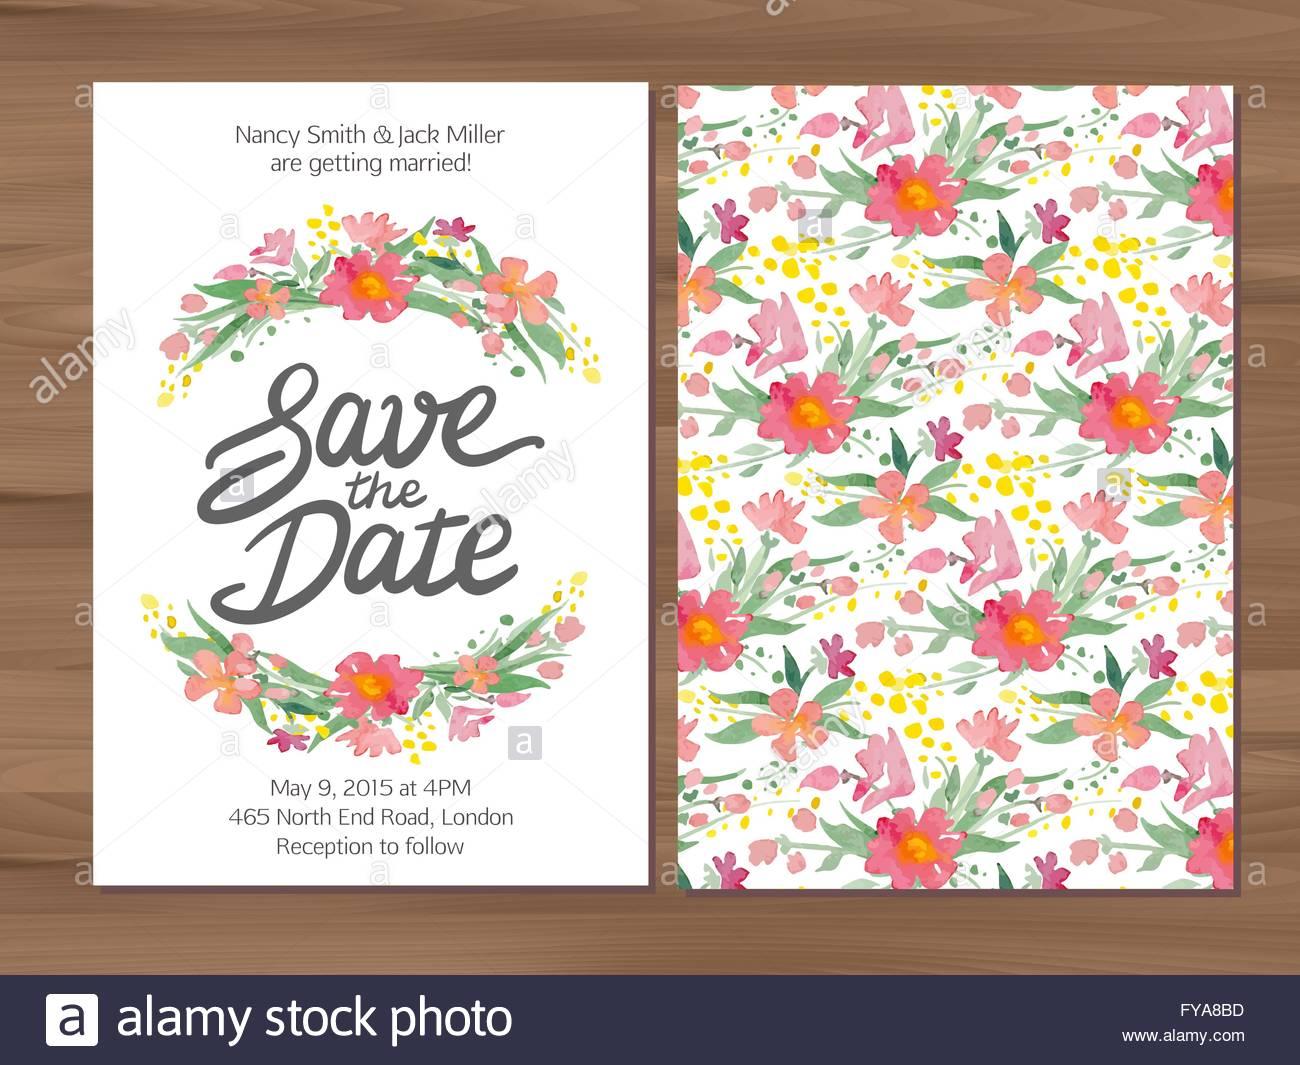 Vector wedding invitation with watercolor flowers and hand drawn vector wedding invitation with watercolor flowers and hand drawn stopboris Images